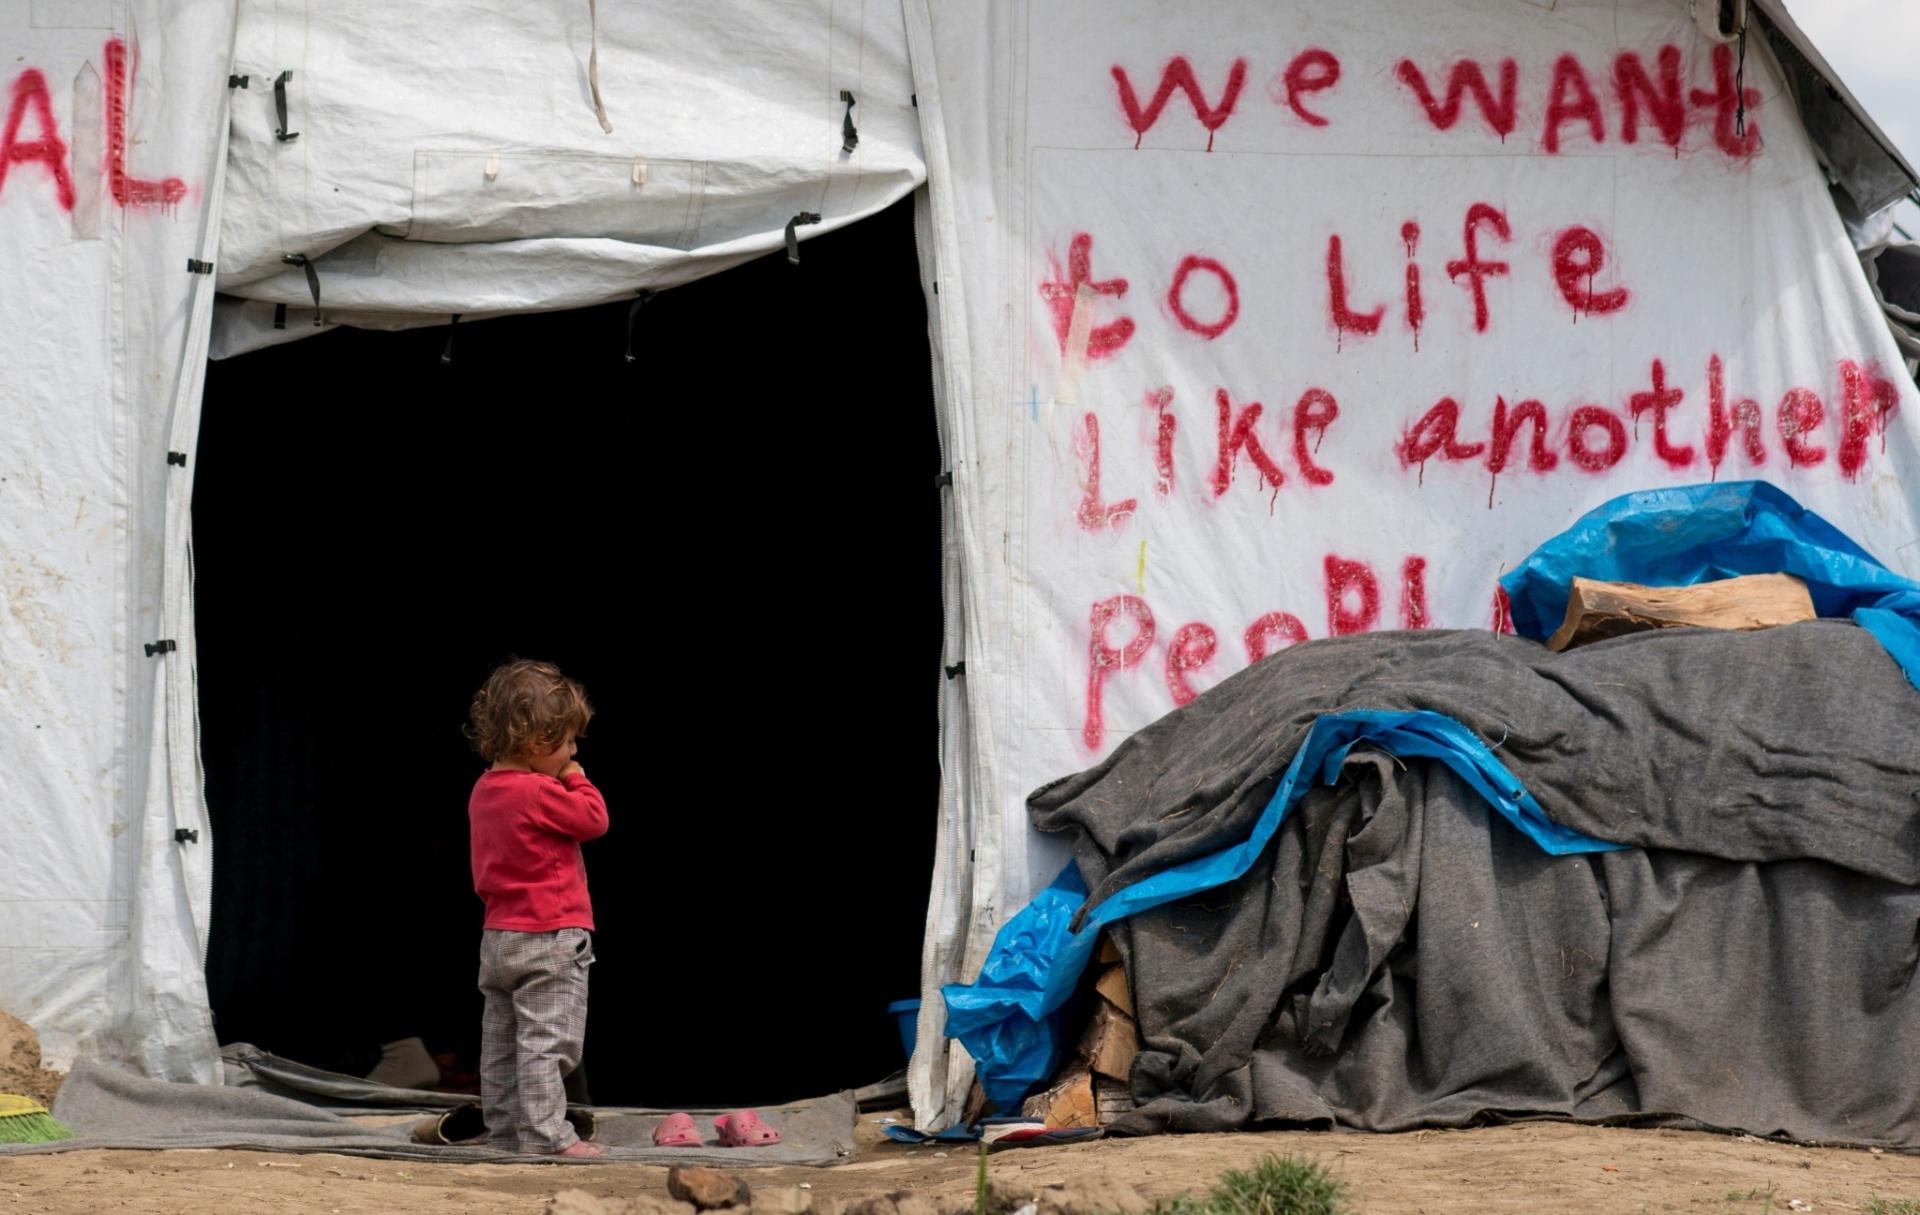 24.abr.2016 - Garota refugiada fica na frente de uma tenda onde se pode ler